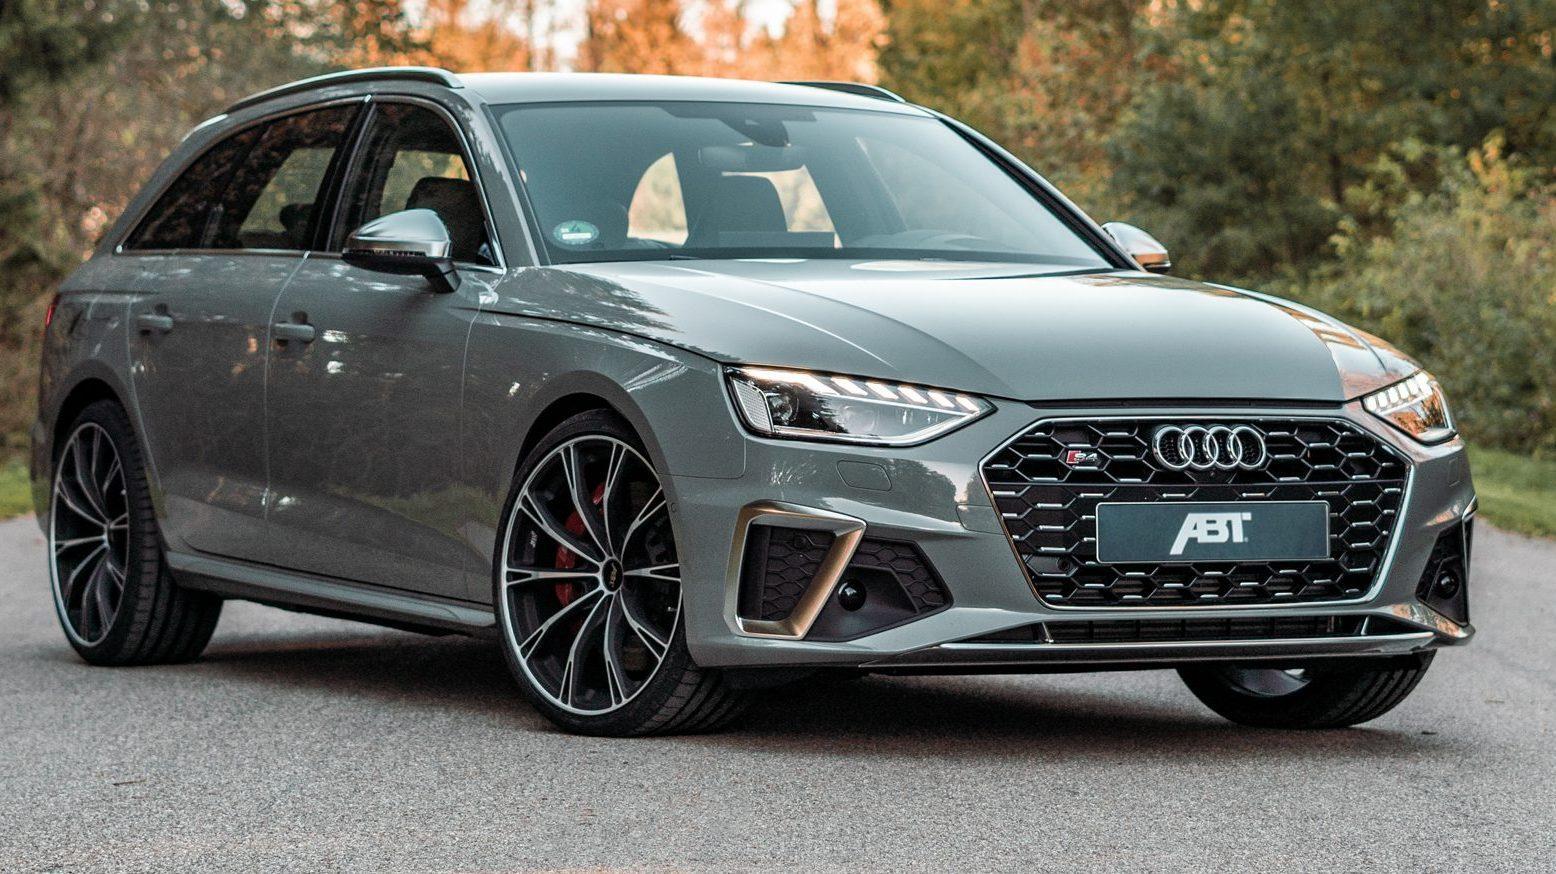 Abt Audi S4 drie kwart voor